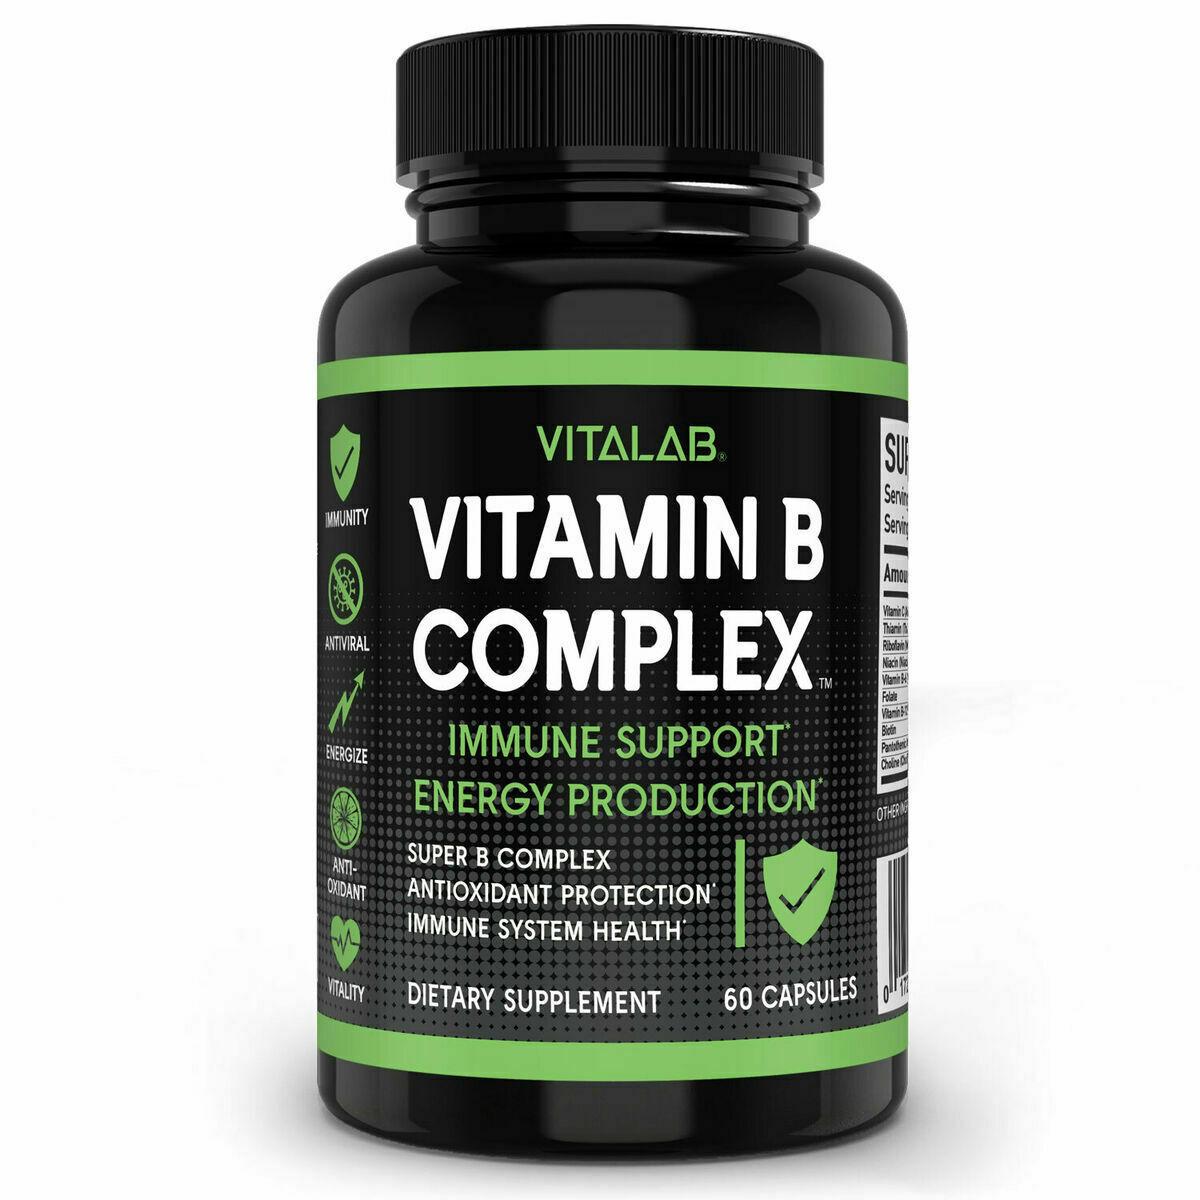 Natural Vitamin B Complex Sustained Release Vitamin B1 B2 B3 B6 B12 Organic - $41.53